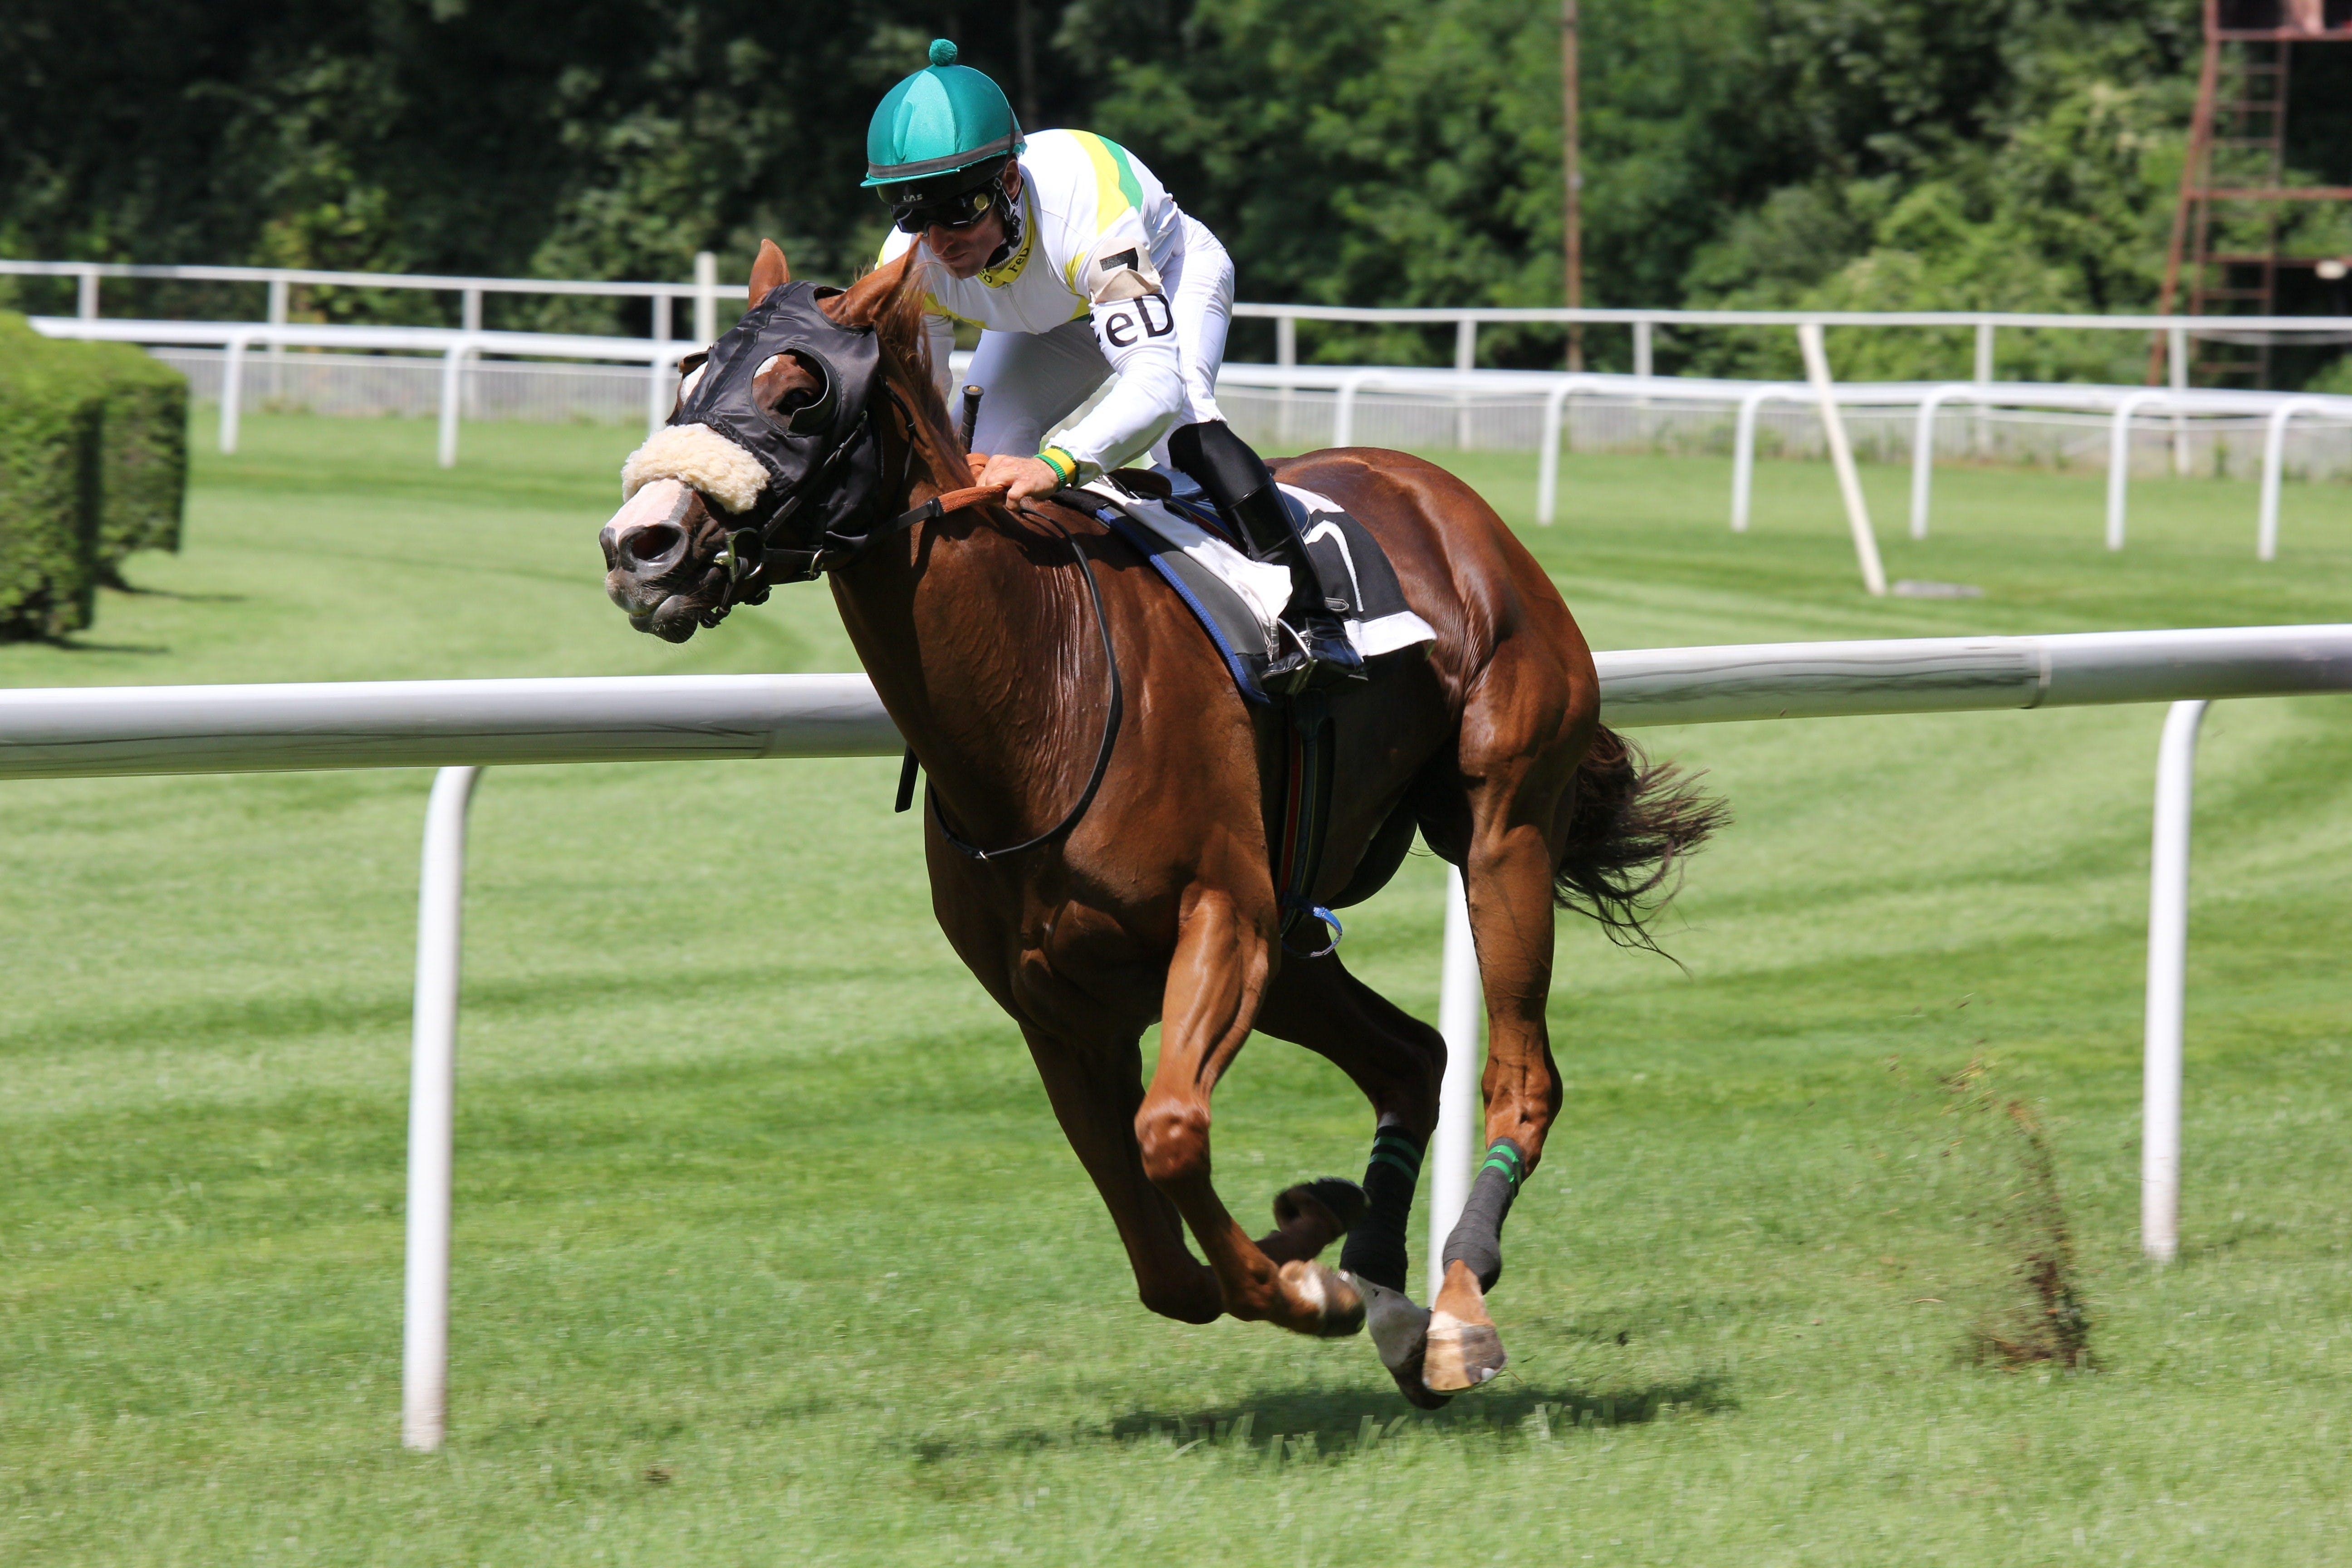 A jockey riding a racehorse